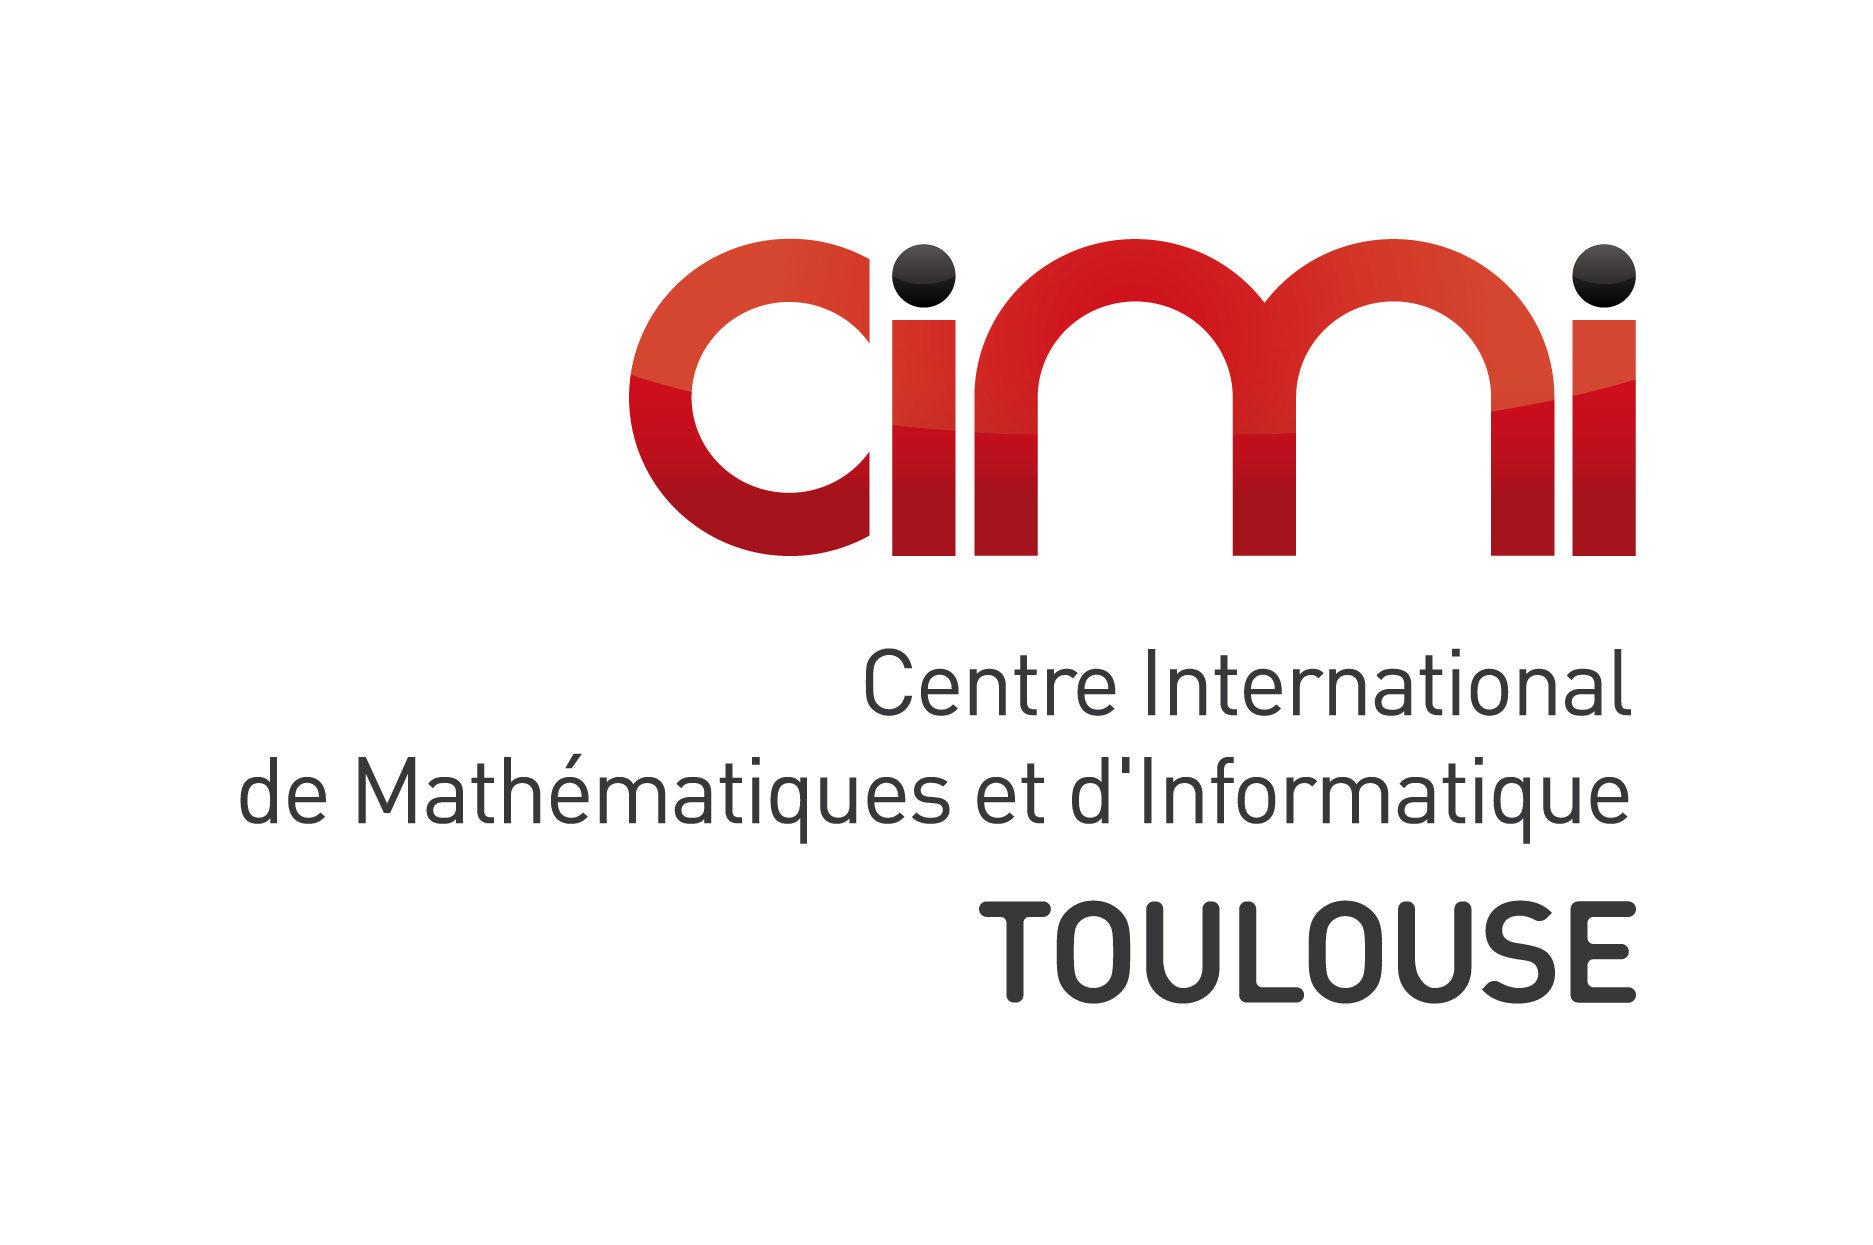 Centre international de Mathématiques et d'Informatique de Toulouse